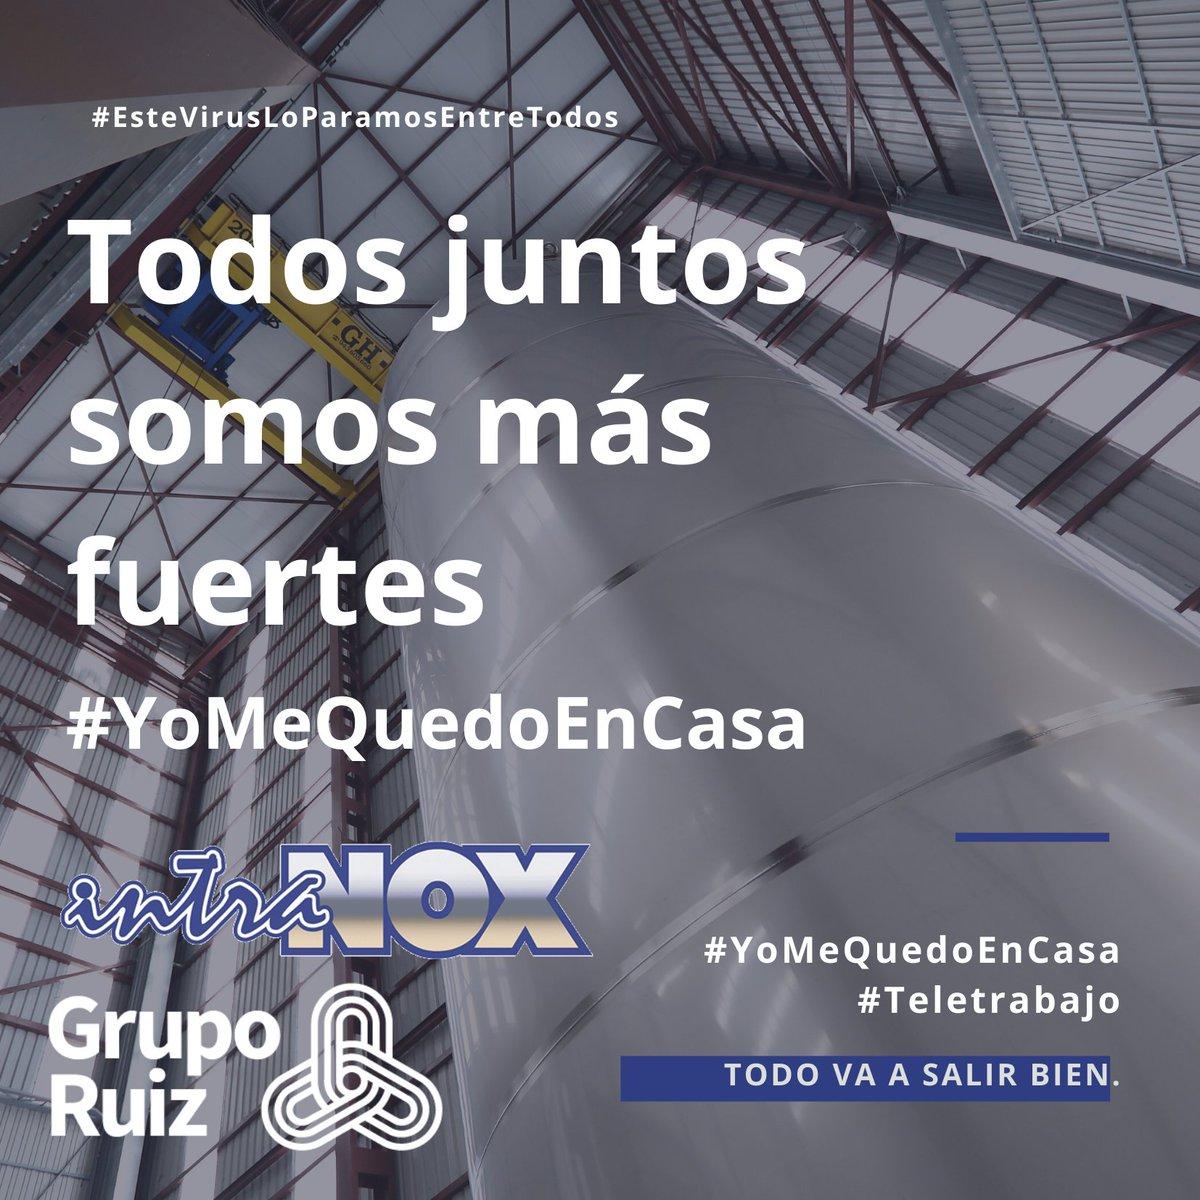 ¡ Un día más es un día menos! #teletrabajo  #YoMeQuedoEnCasa #EsteVirusLosParamosUnidos   #depósitos #acero #inoxidable #silo #disease #fabricación #montaje https://t.co/s7JxKiWY5o